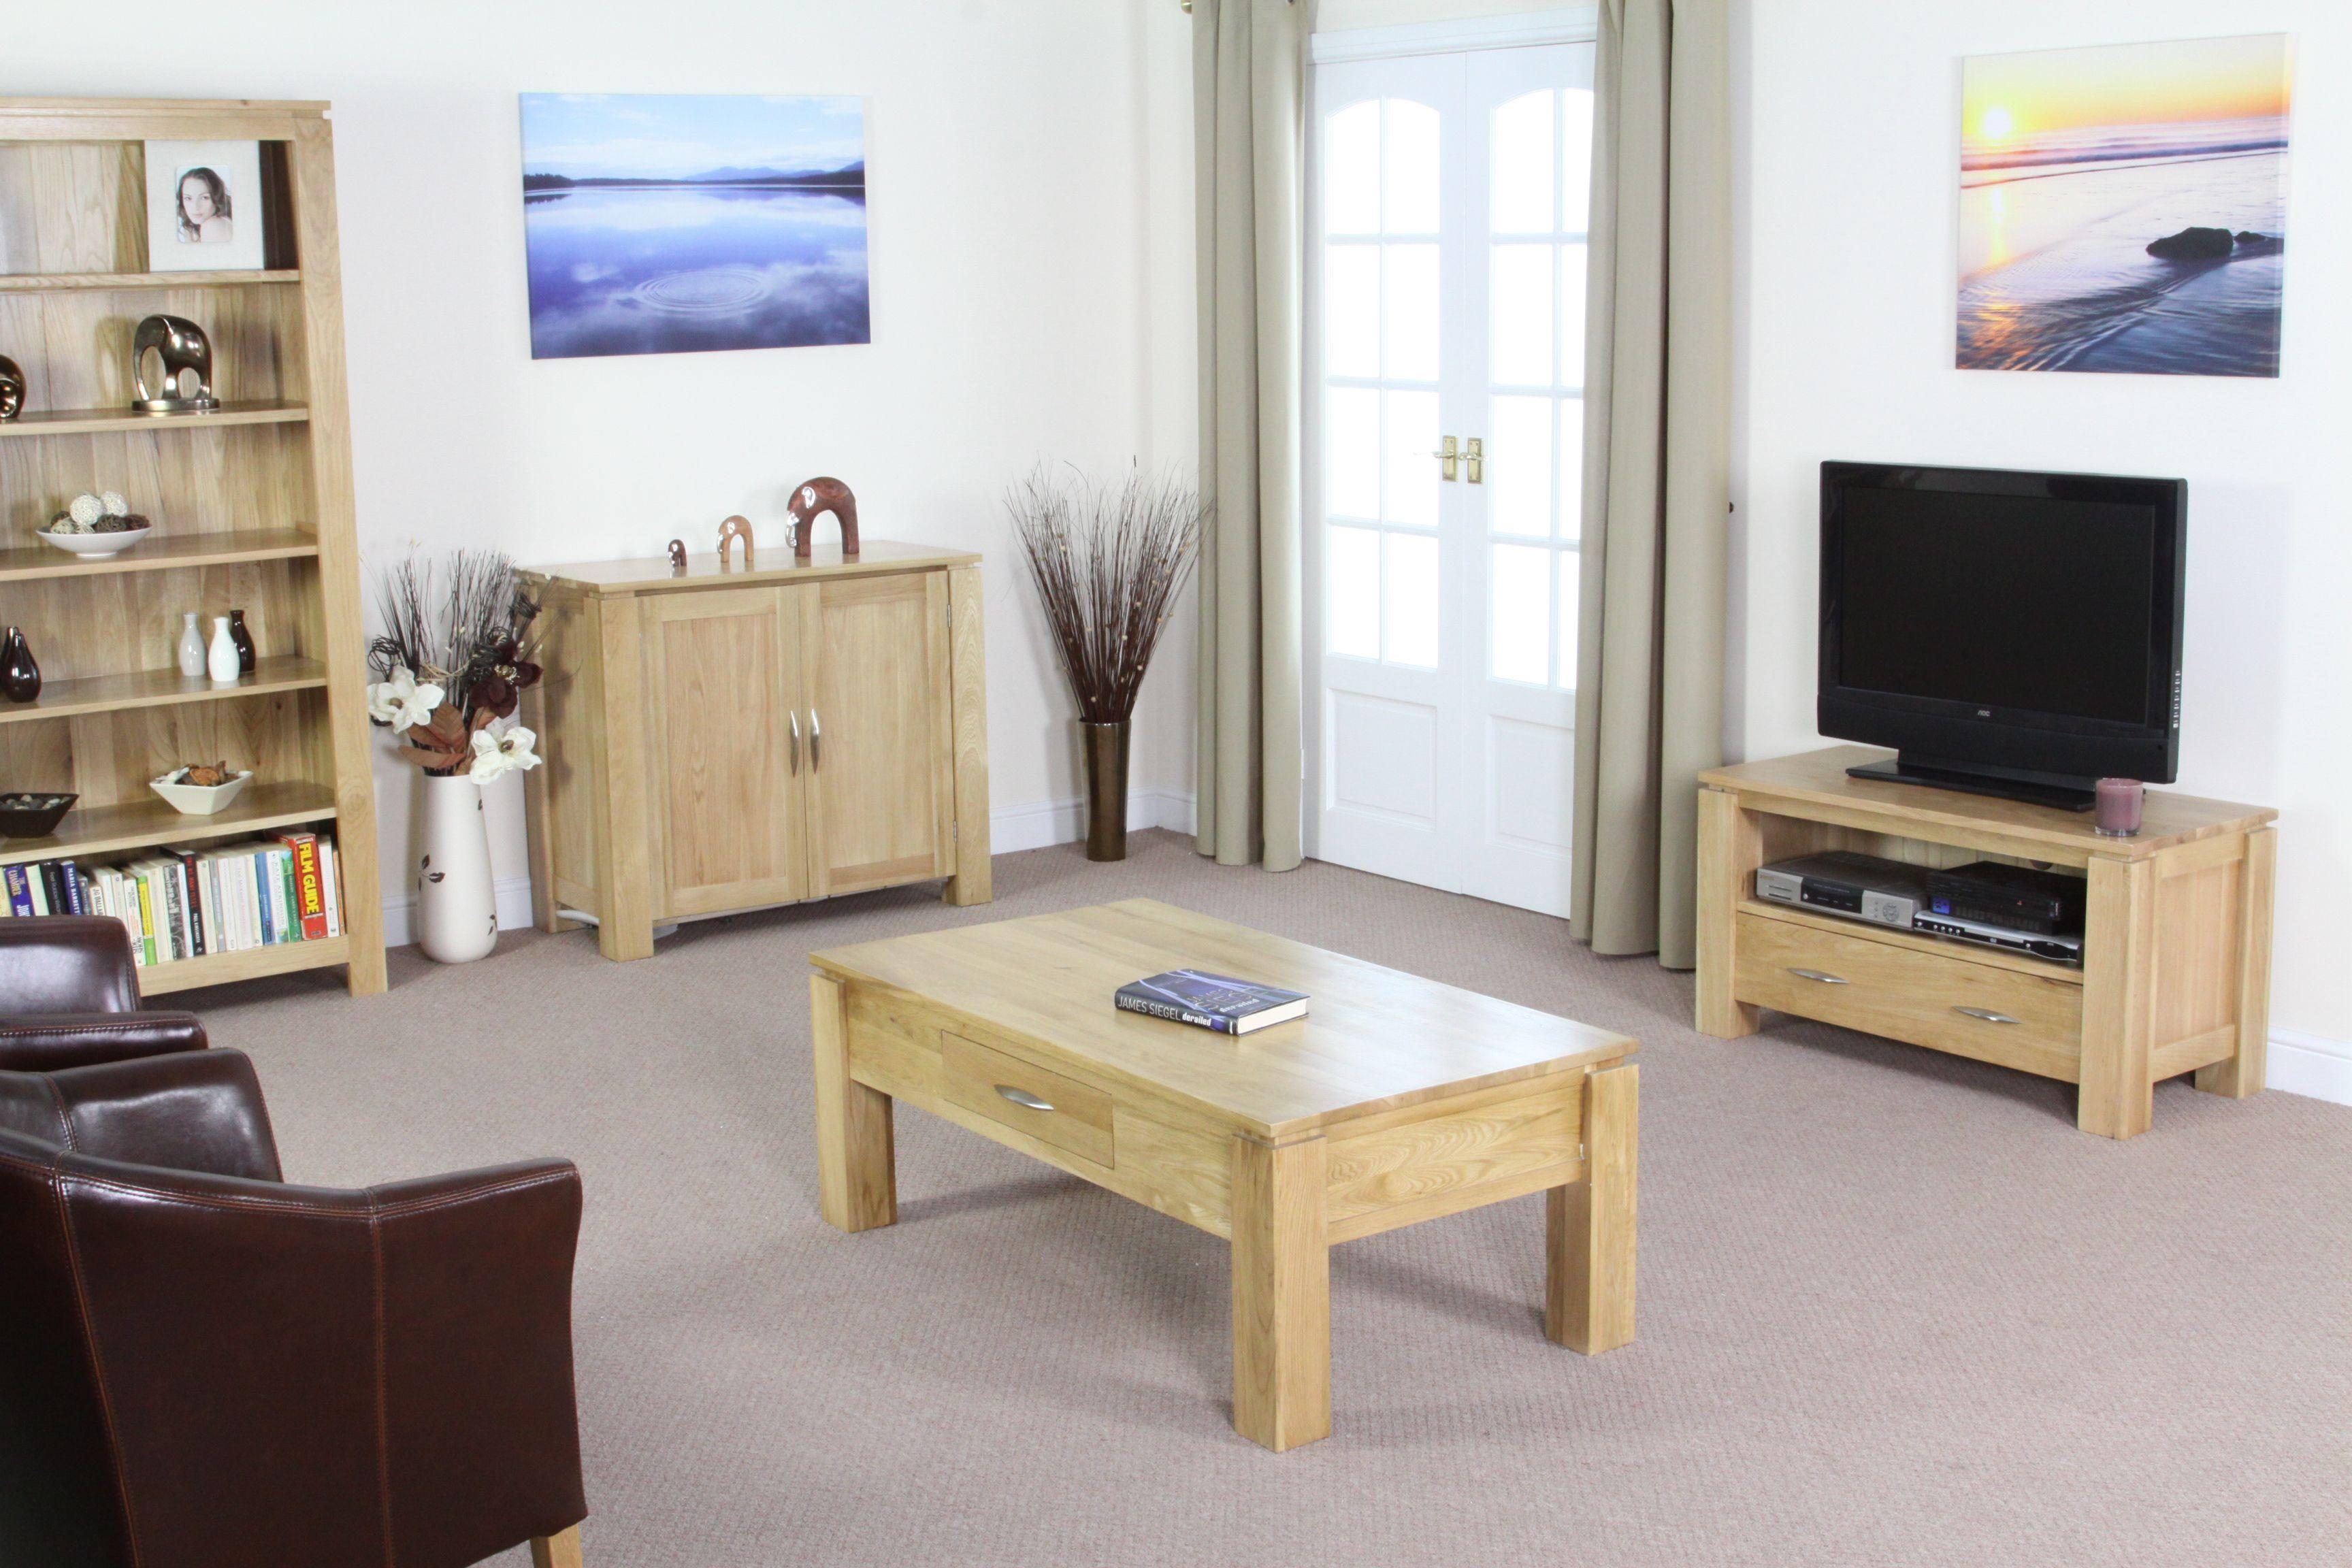 marvellous solid oak living room furniture | Galway Solid Oak Funiture Range Oak Living Room Furniture ...